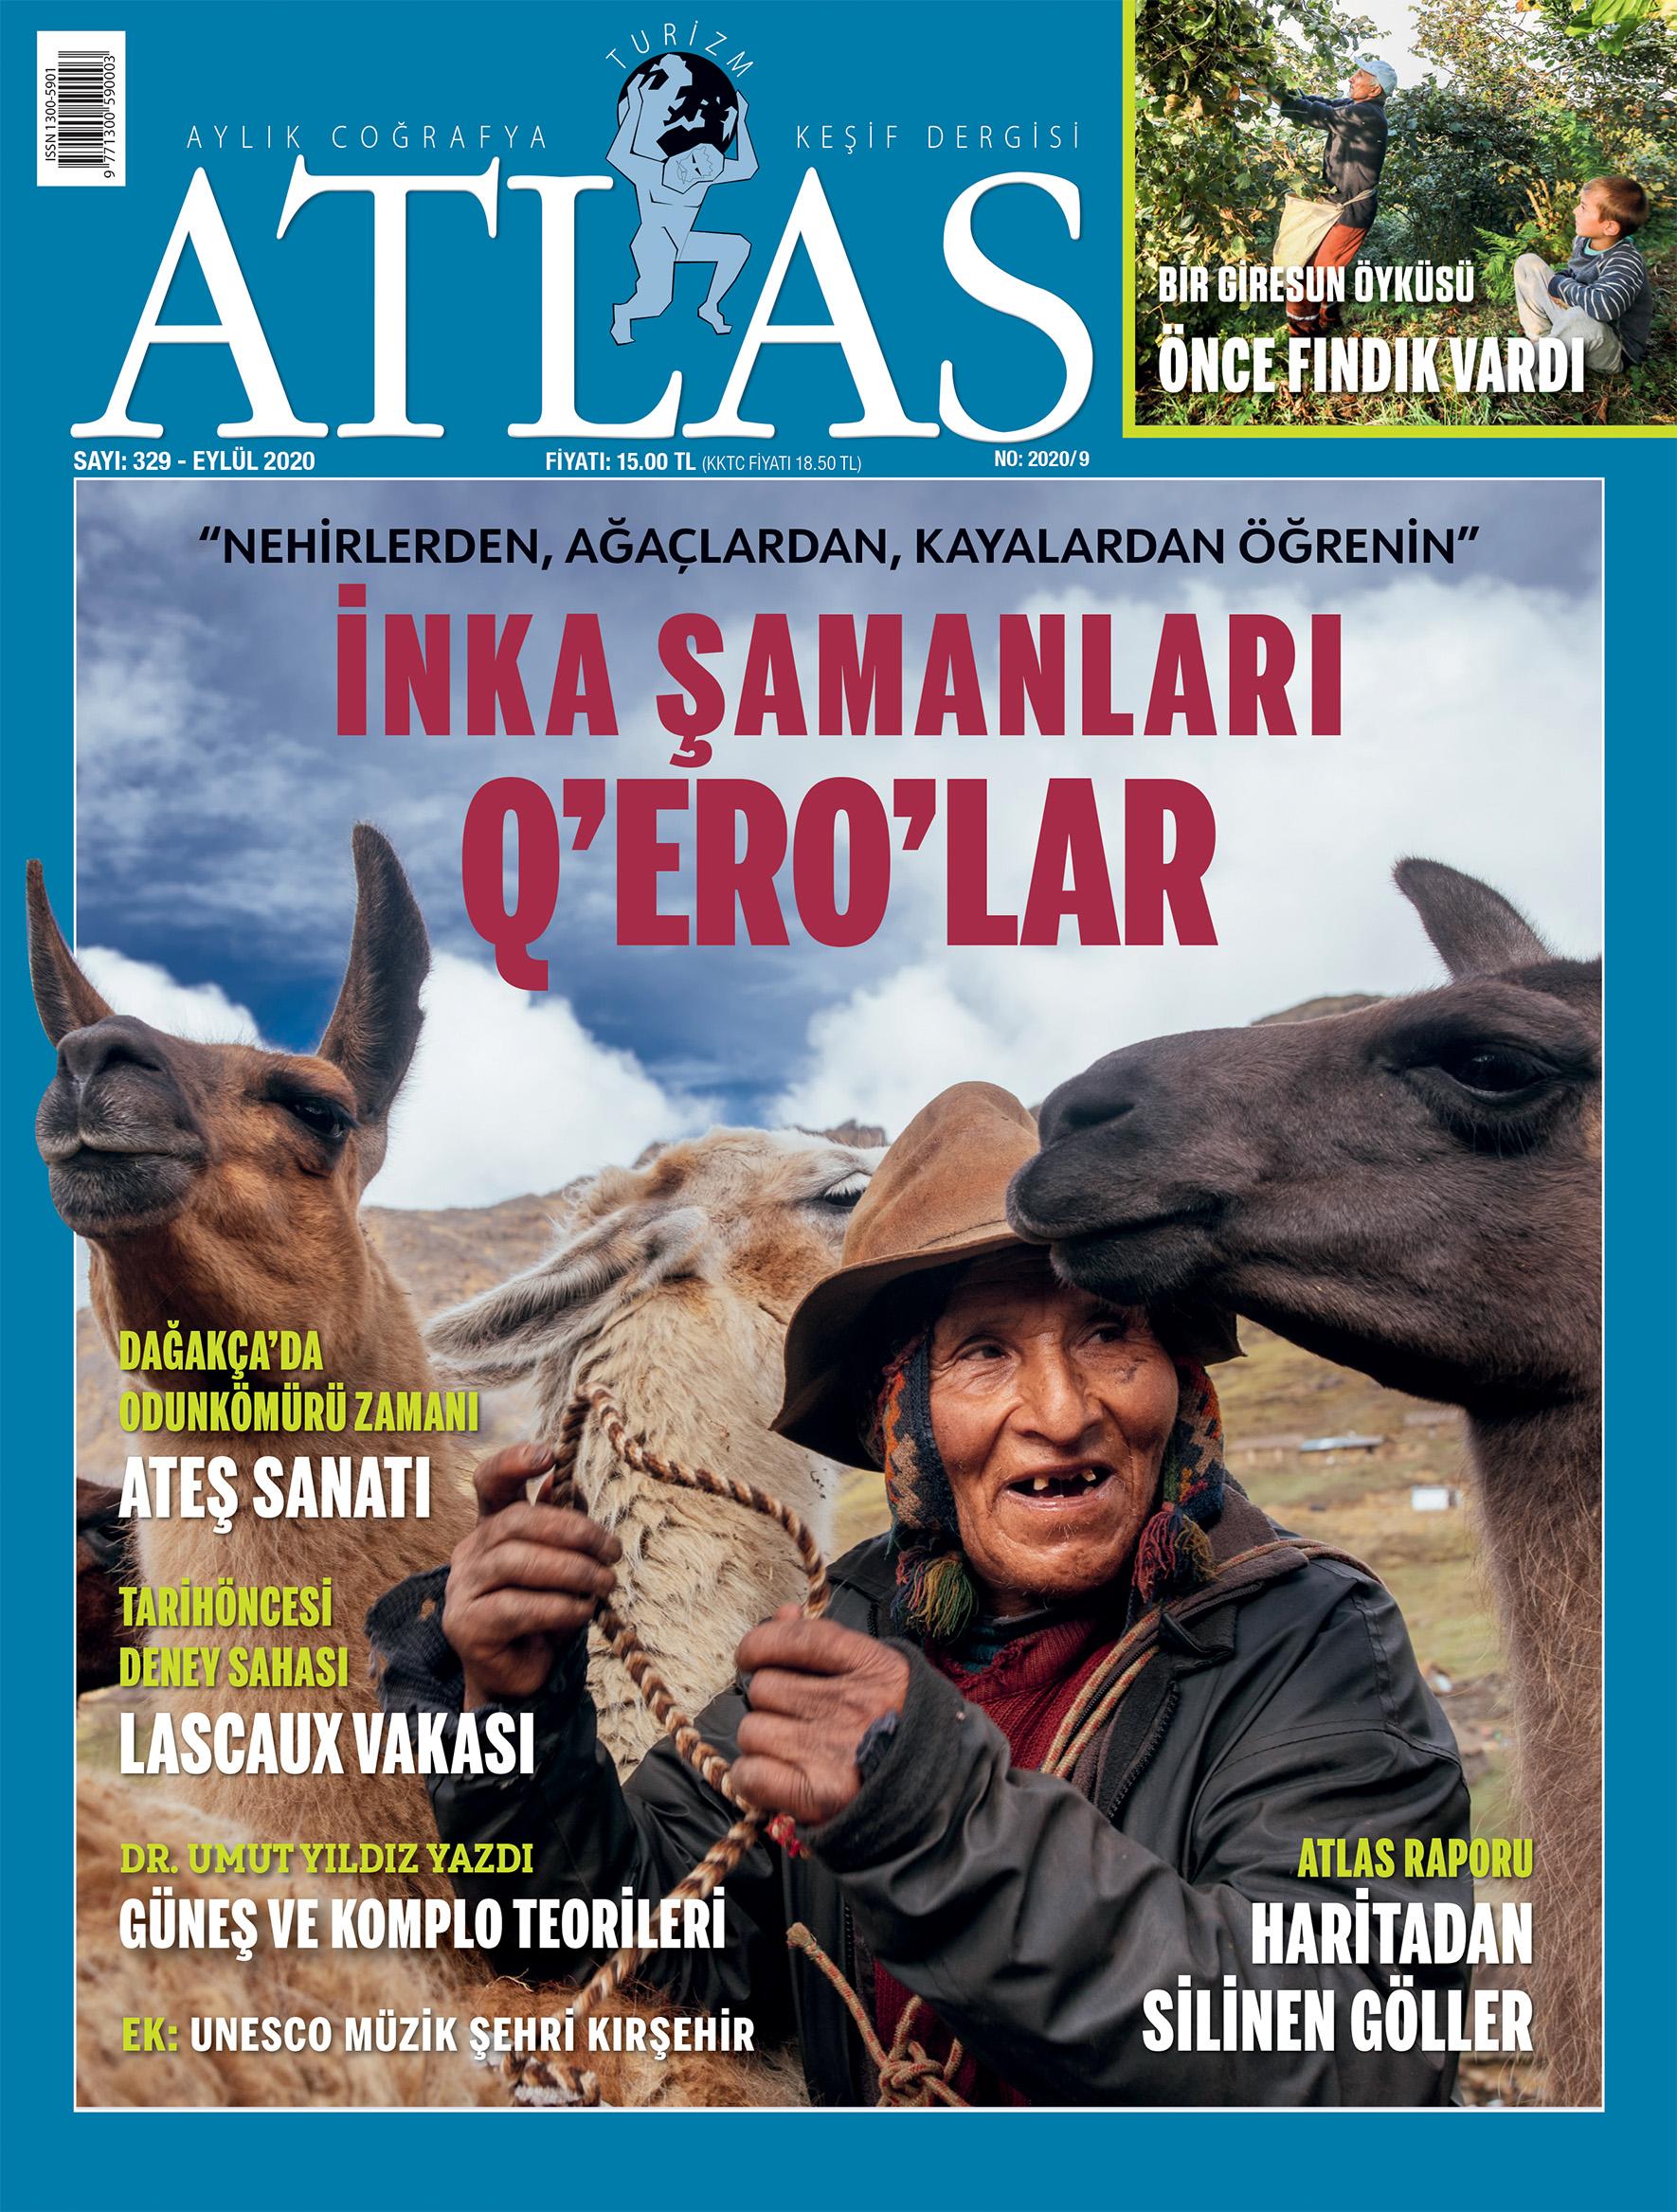 Atlas'ın Eylül sayısı çıktı! Yeni sayıda neler var? | Atlas | atlas dergisi